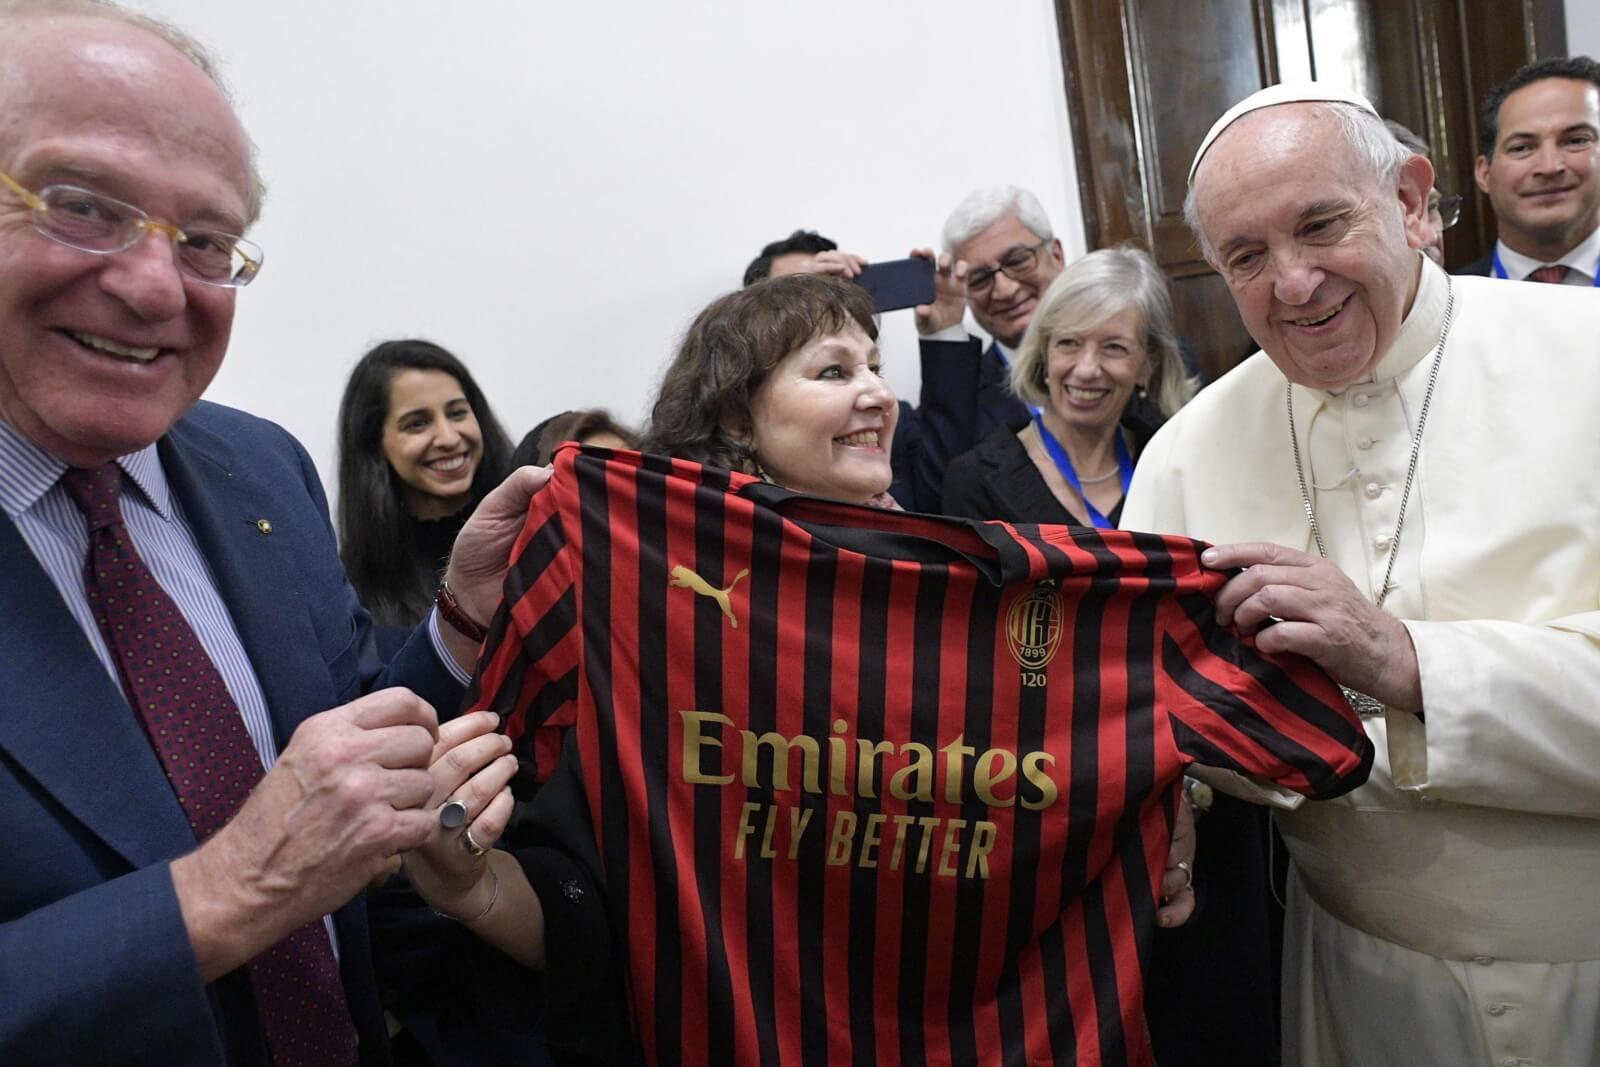 Papież Franciszek z przedstawicielami szkół fot. EPA/VATICAN MEDIA HANDOUT